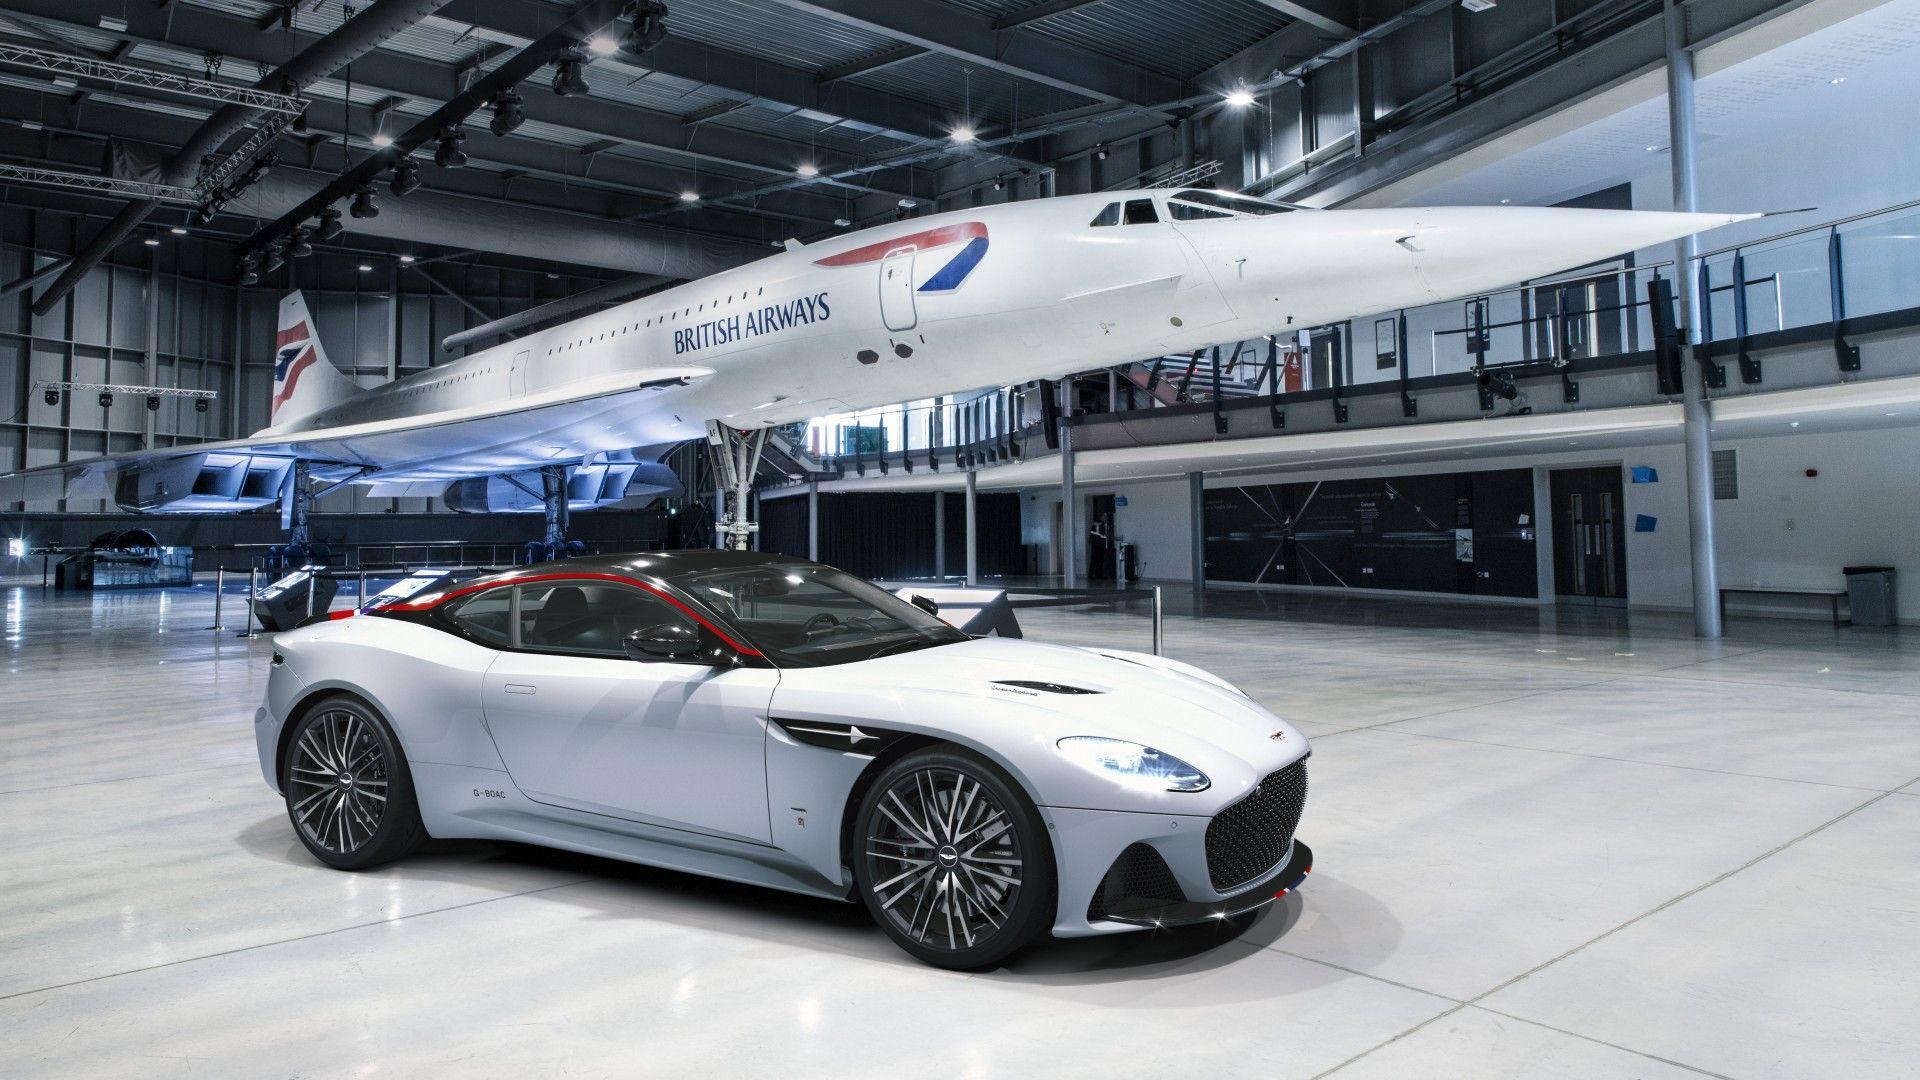 Aston Martin DBS Superleggera Concorde Edition: conmemorando el 50 aniversario del Concorde